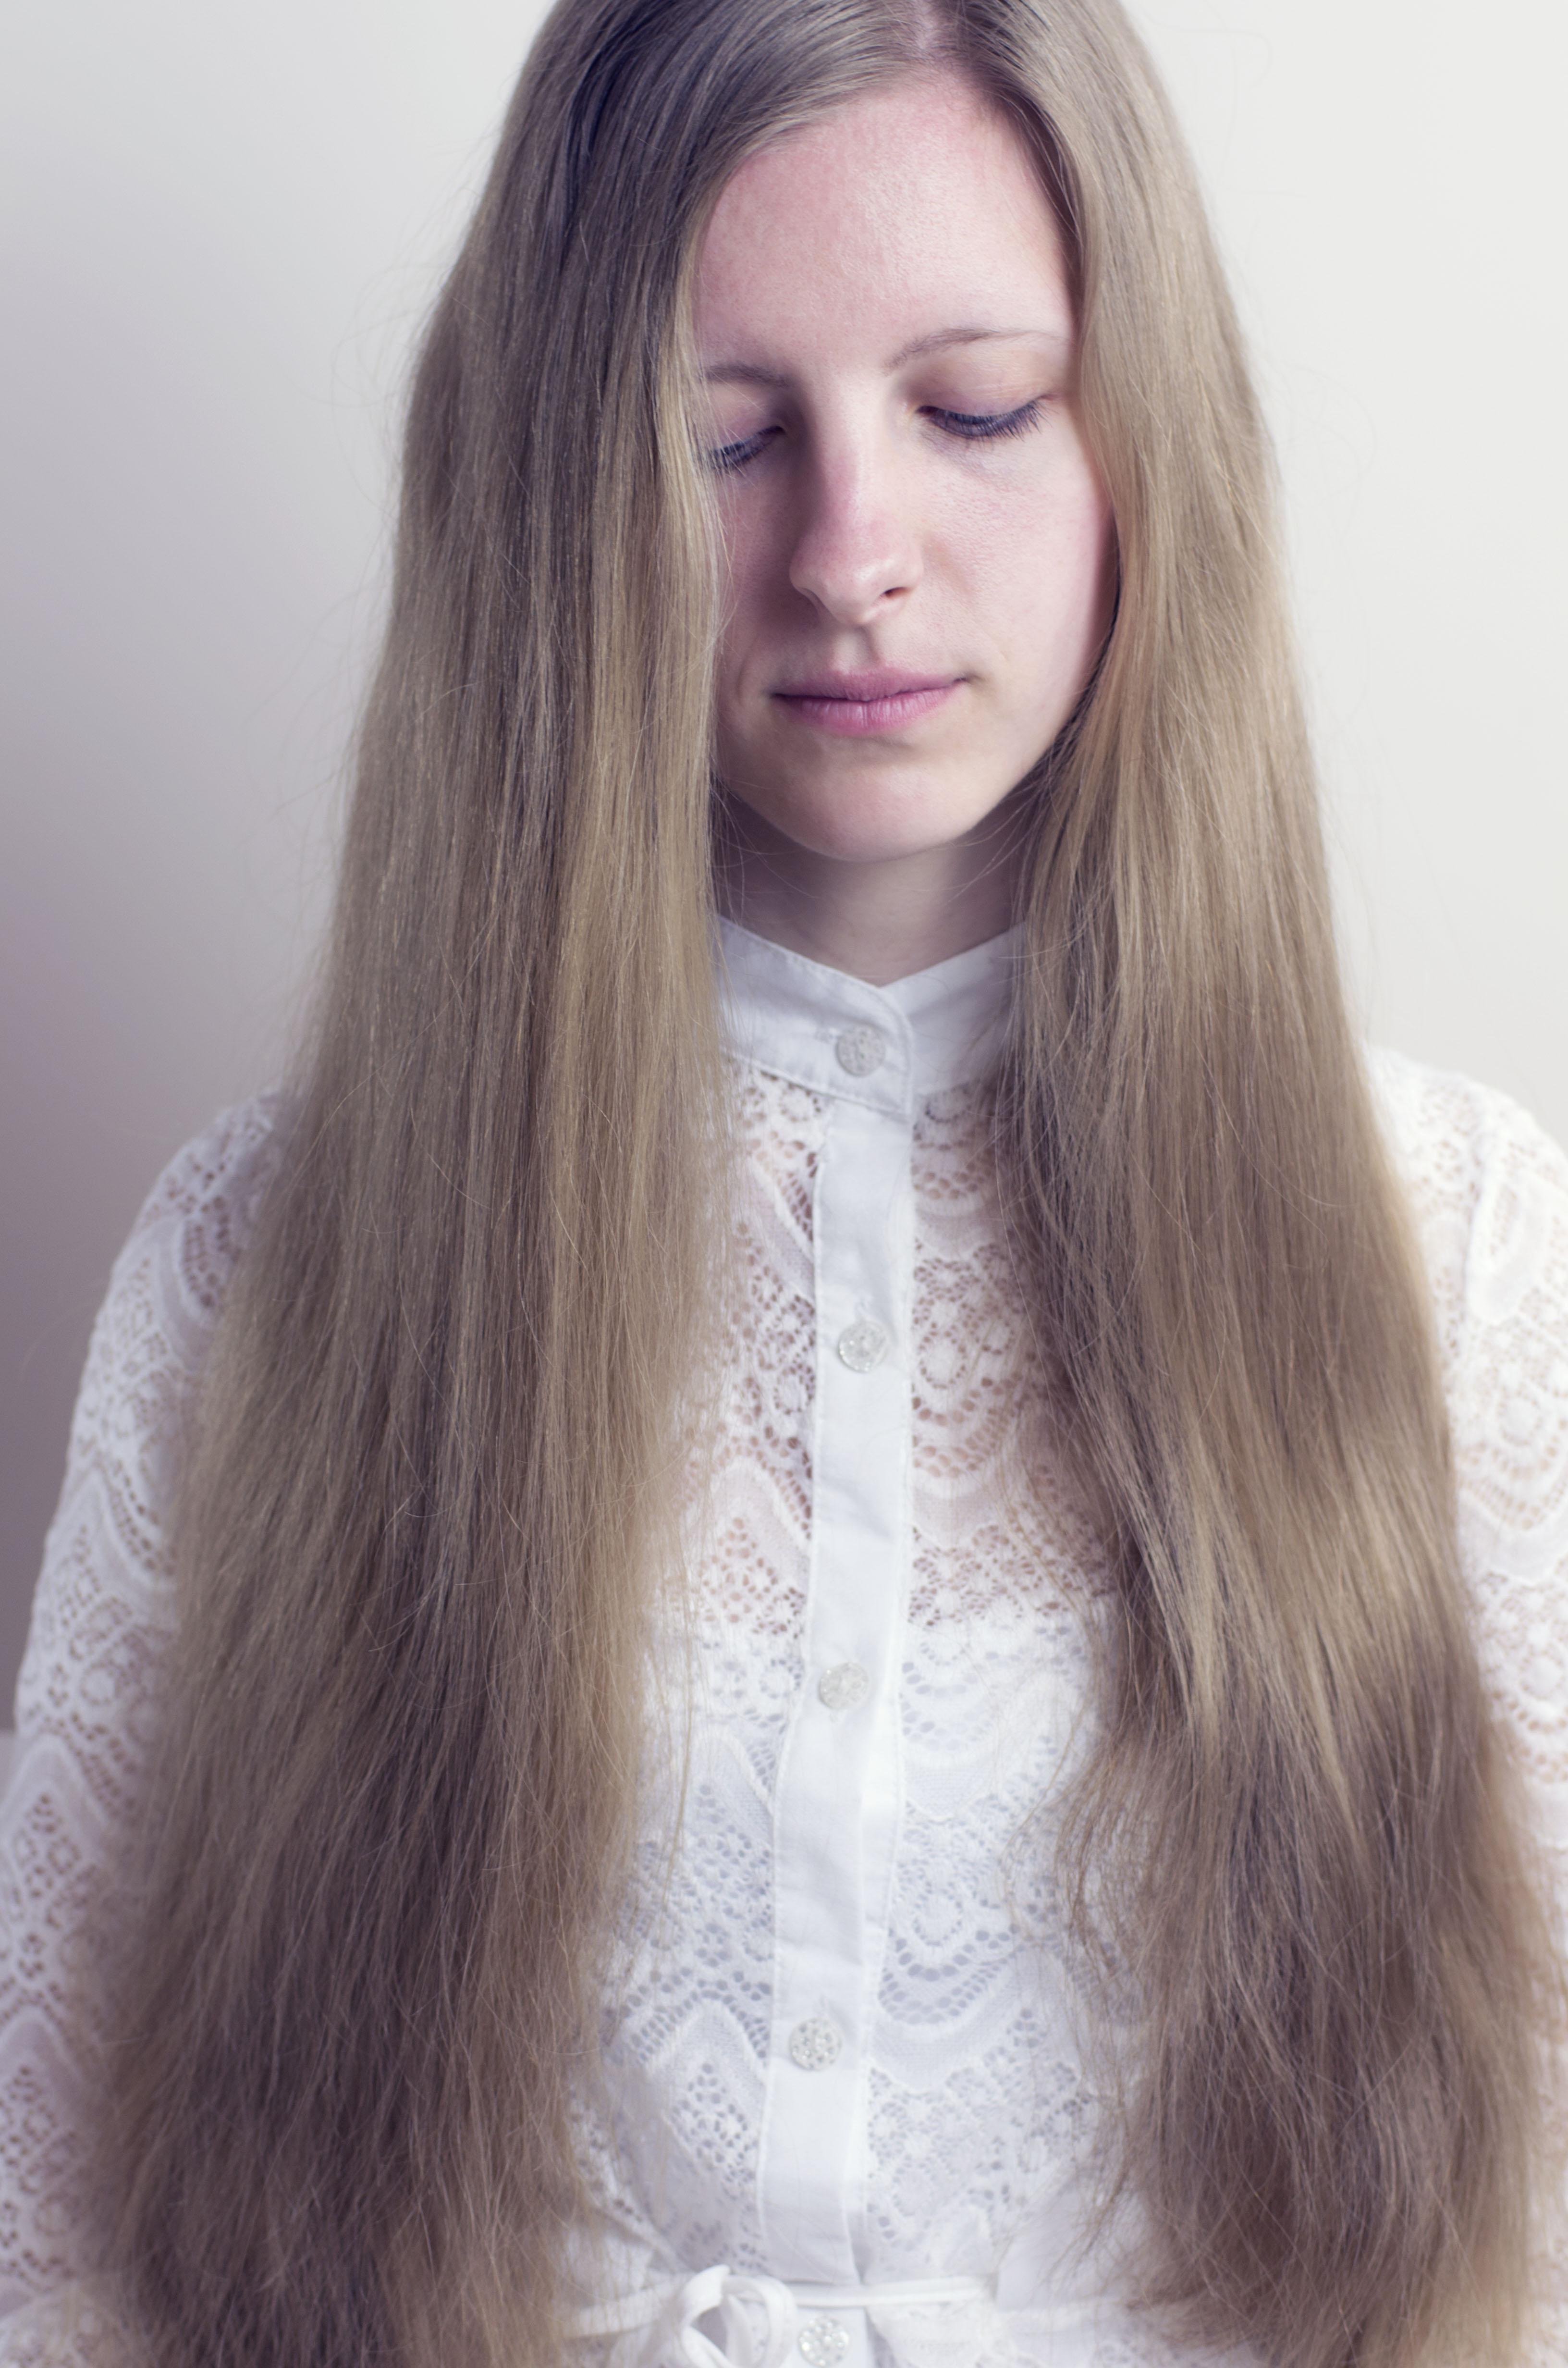 Purity. Hairitage